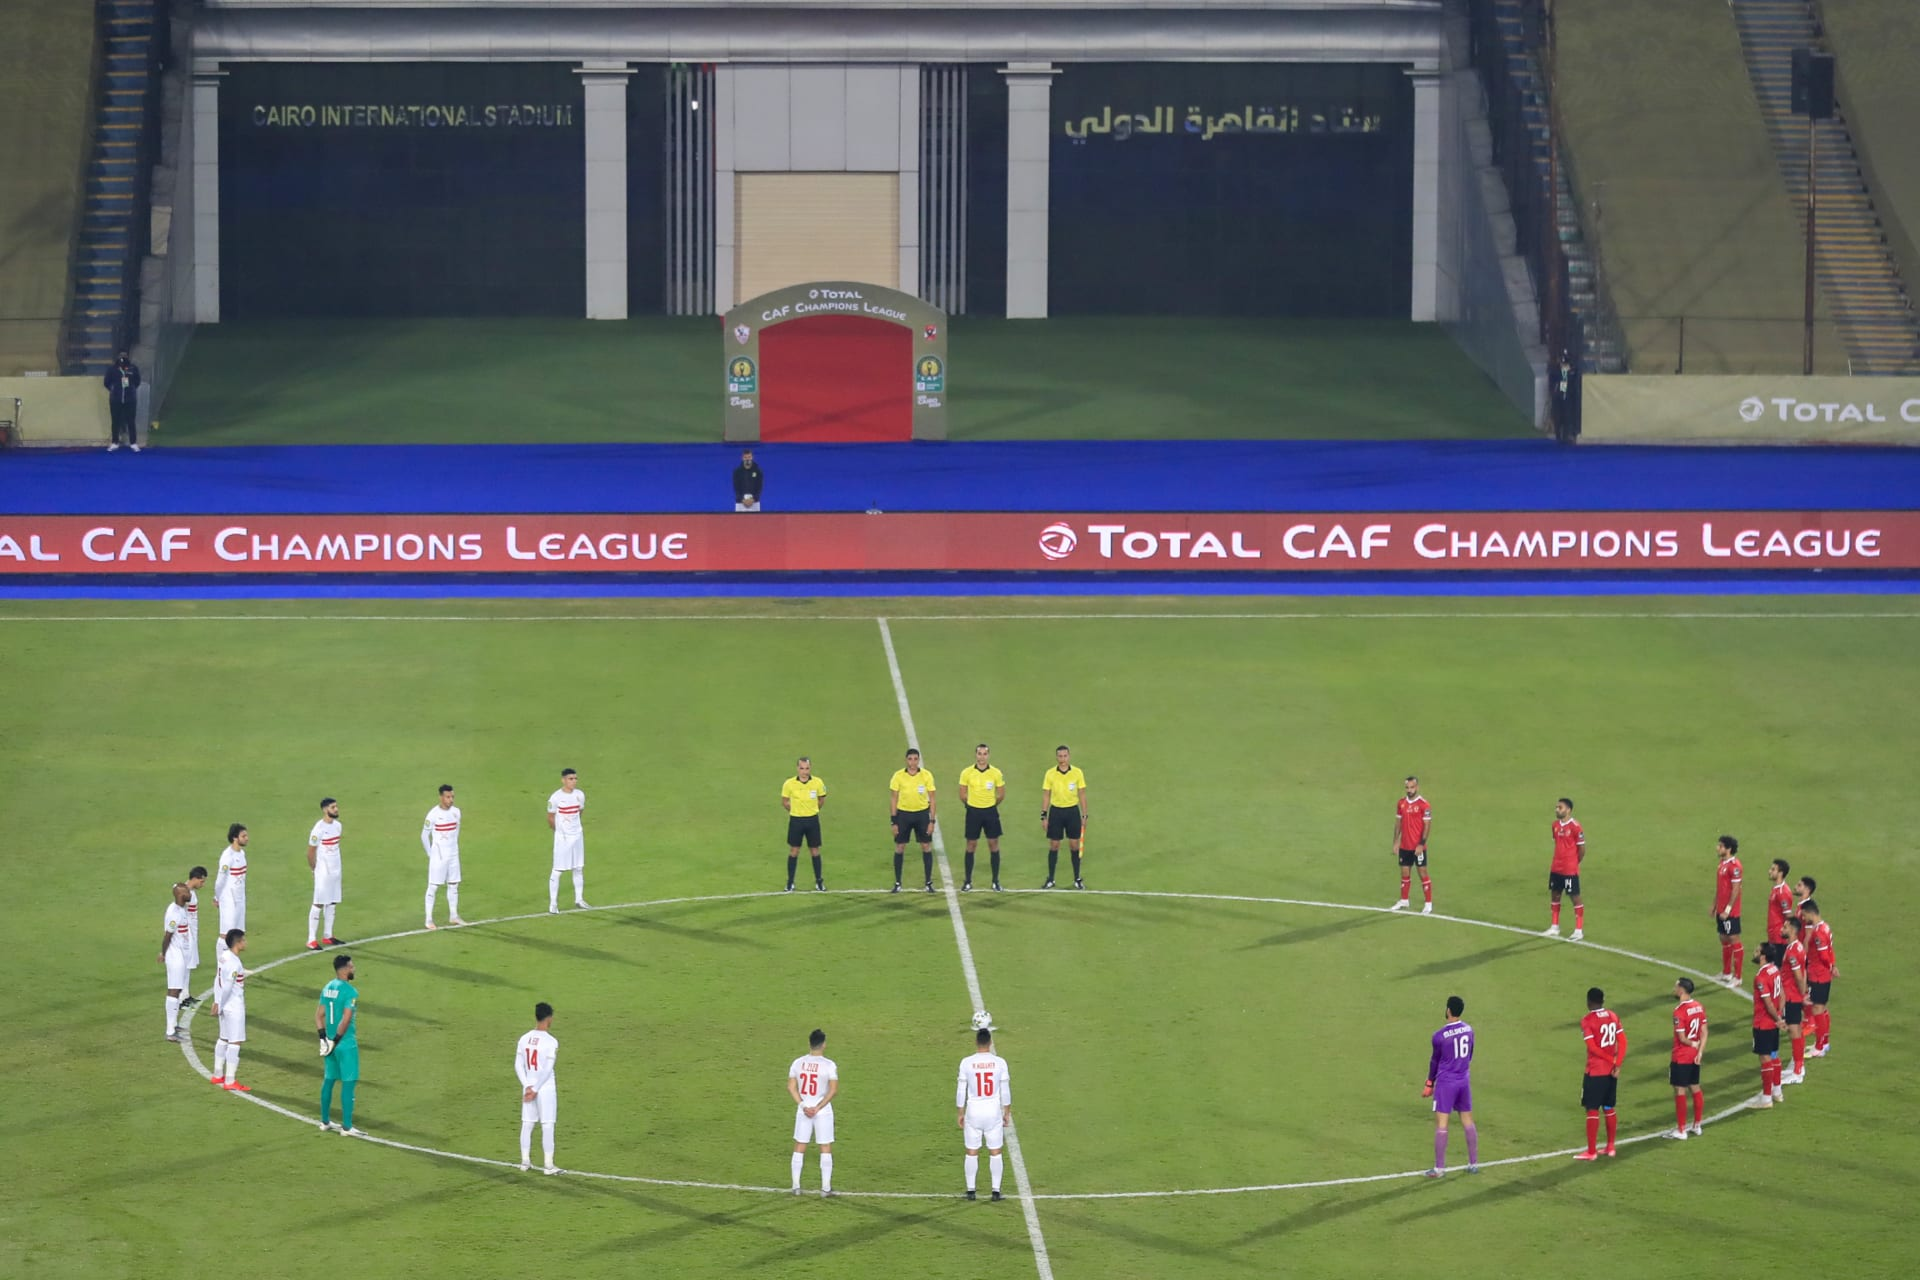 الأهلي المصري يُتوج بلقبه التاسع لدوري أبطال إفريقيا بعد مباراة مثيرة مع الزمالك